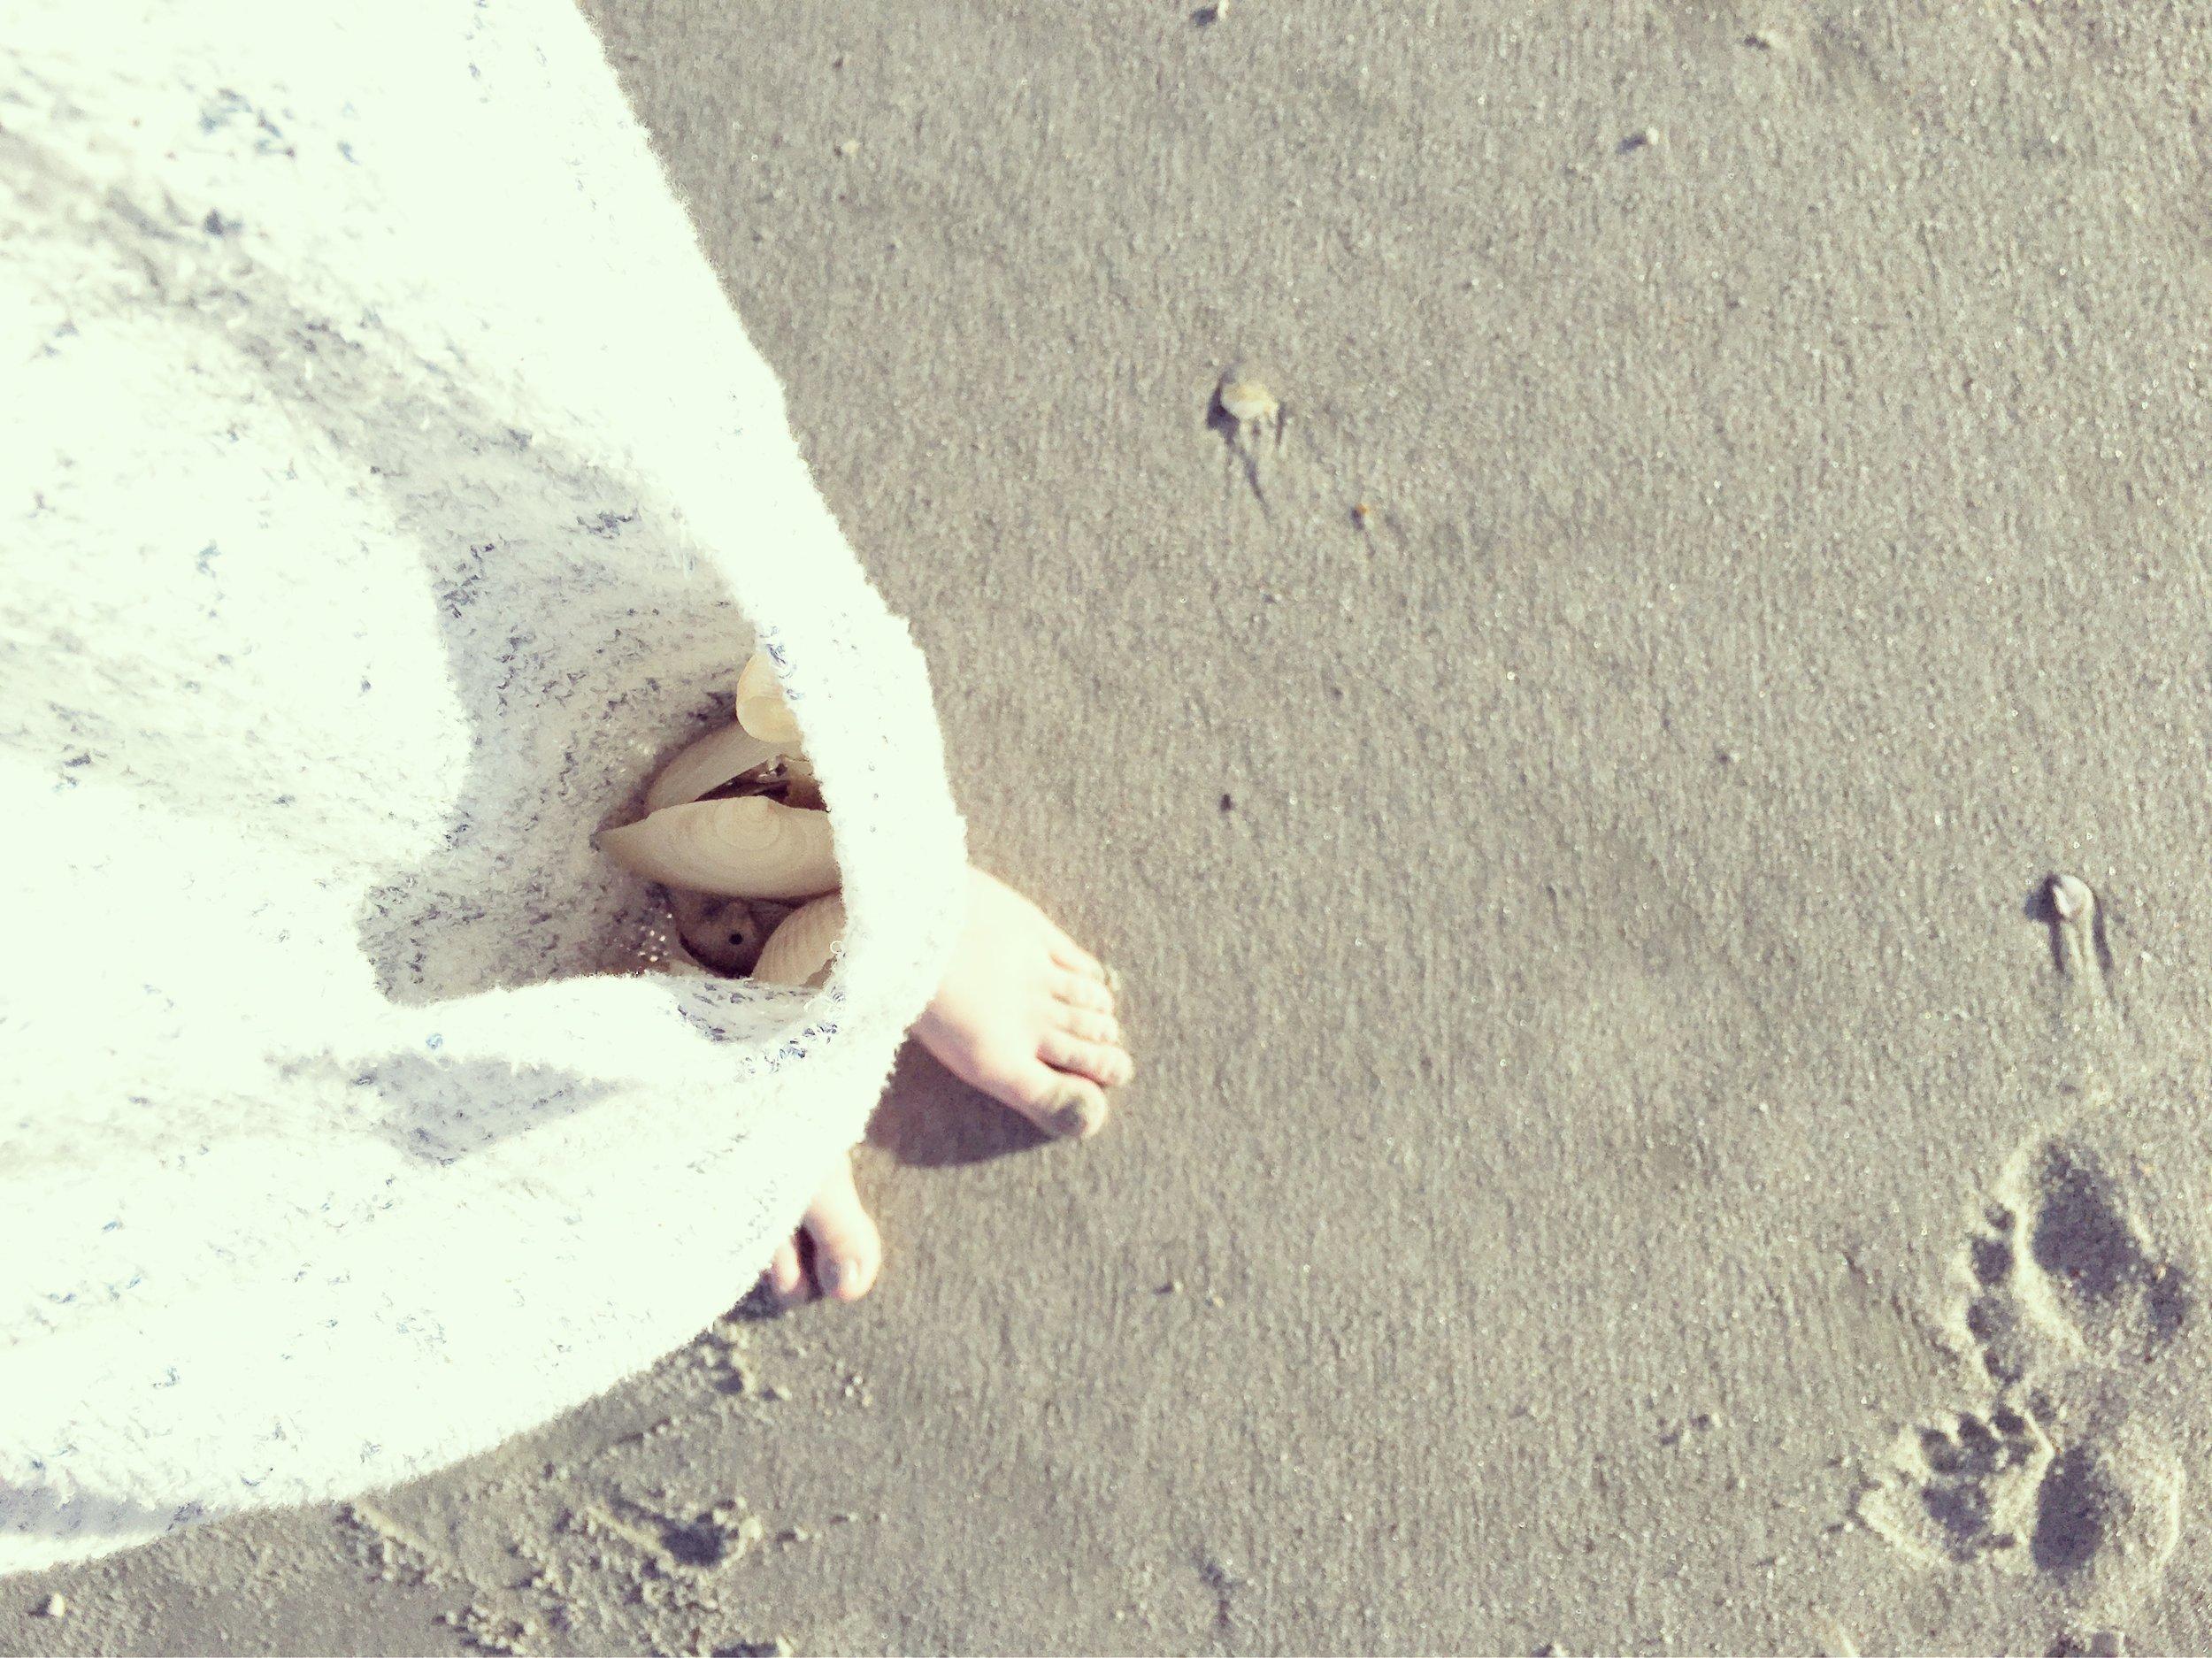 pocket full of shells